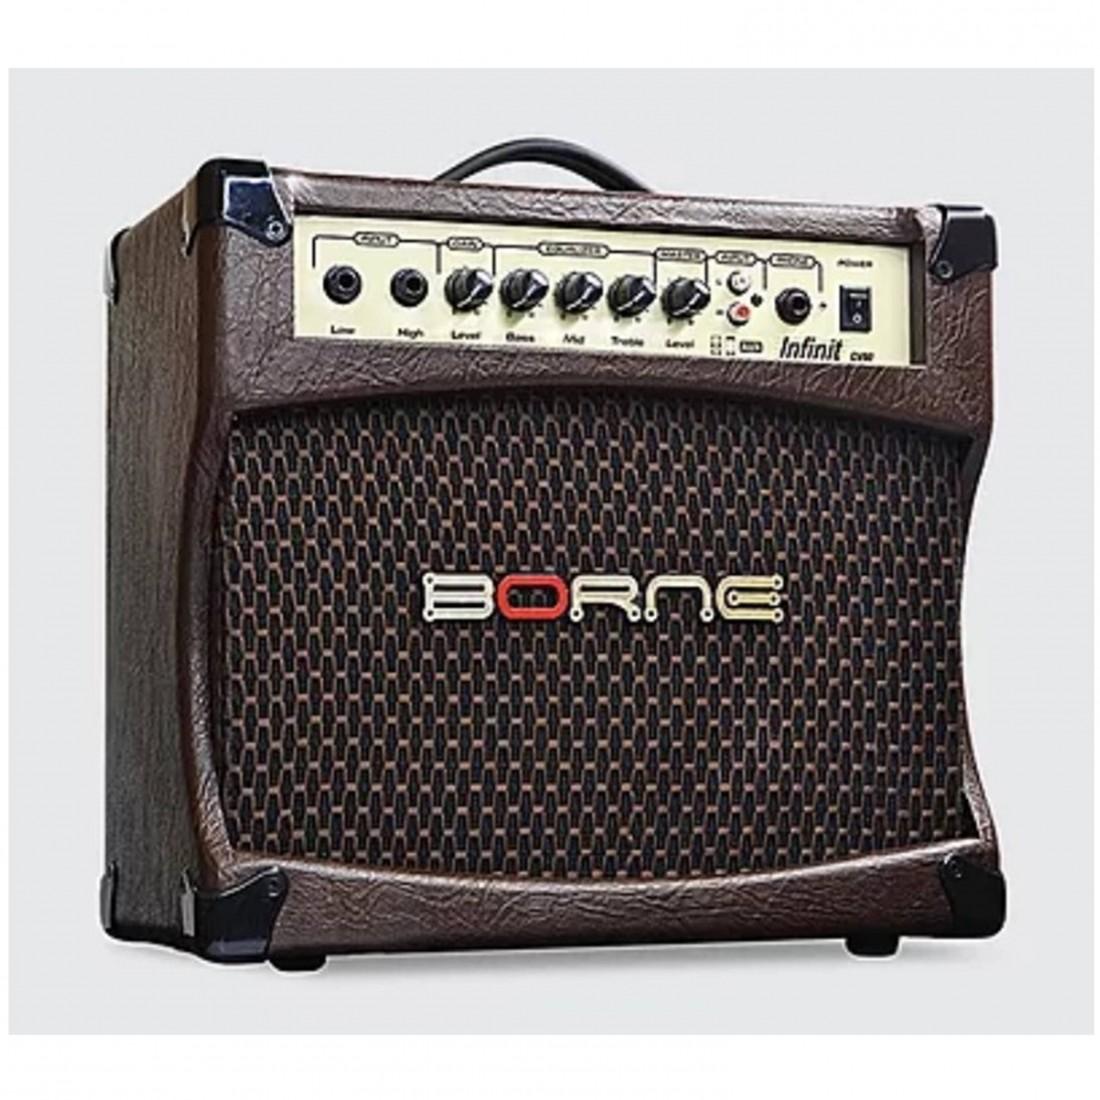 Imagem do produto Caixa Amplificada Violão Borne Infinit CV80 30 watts